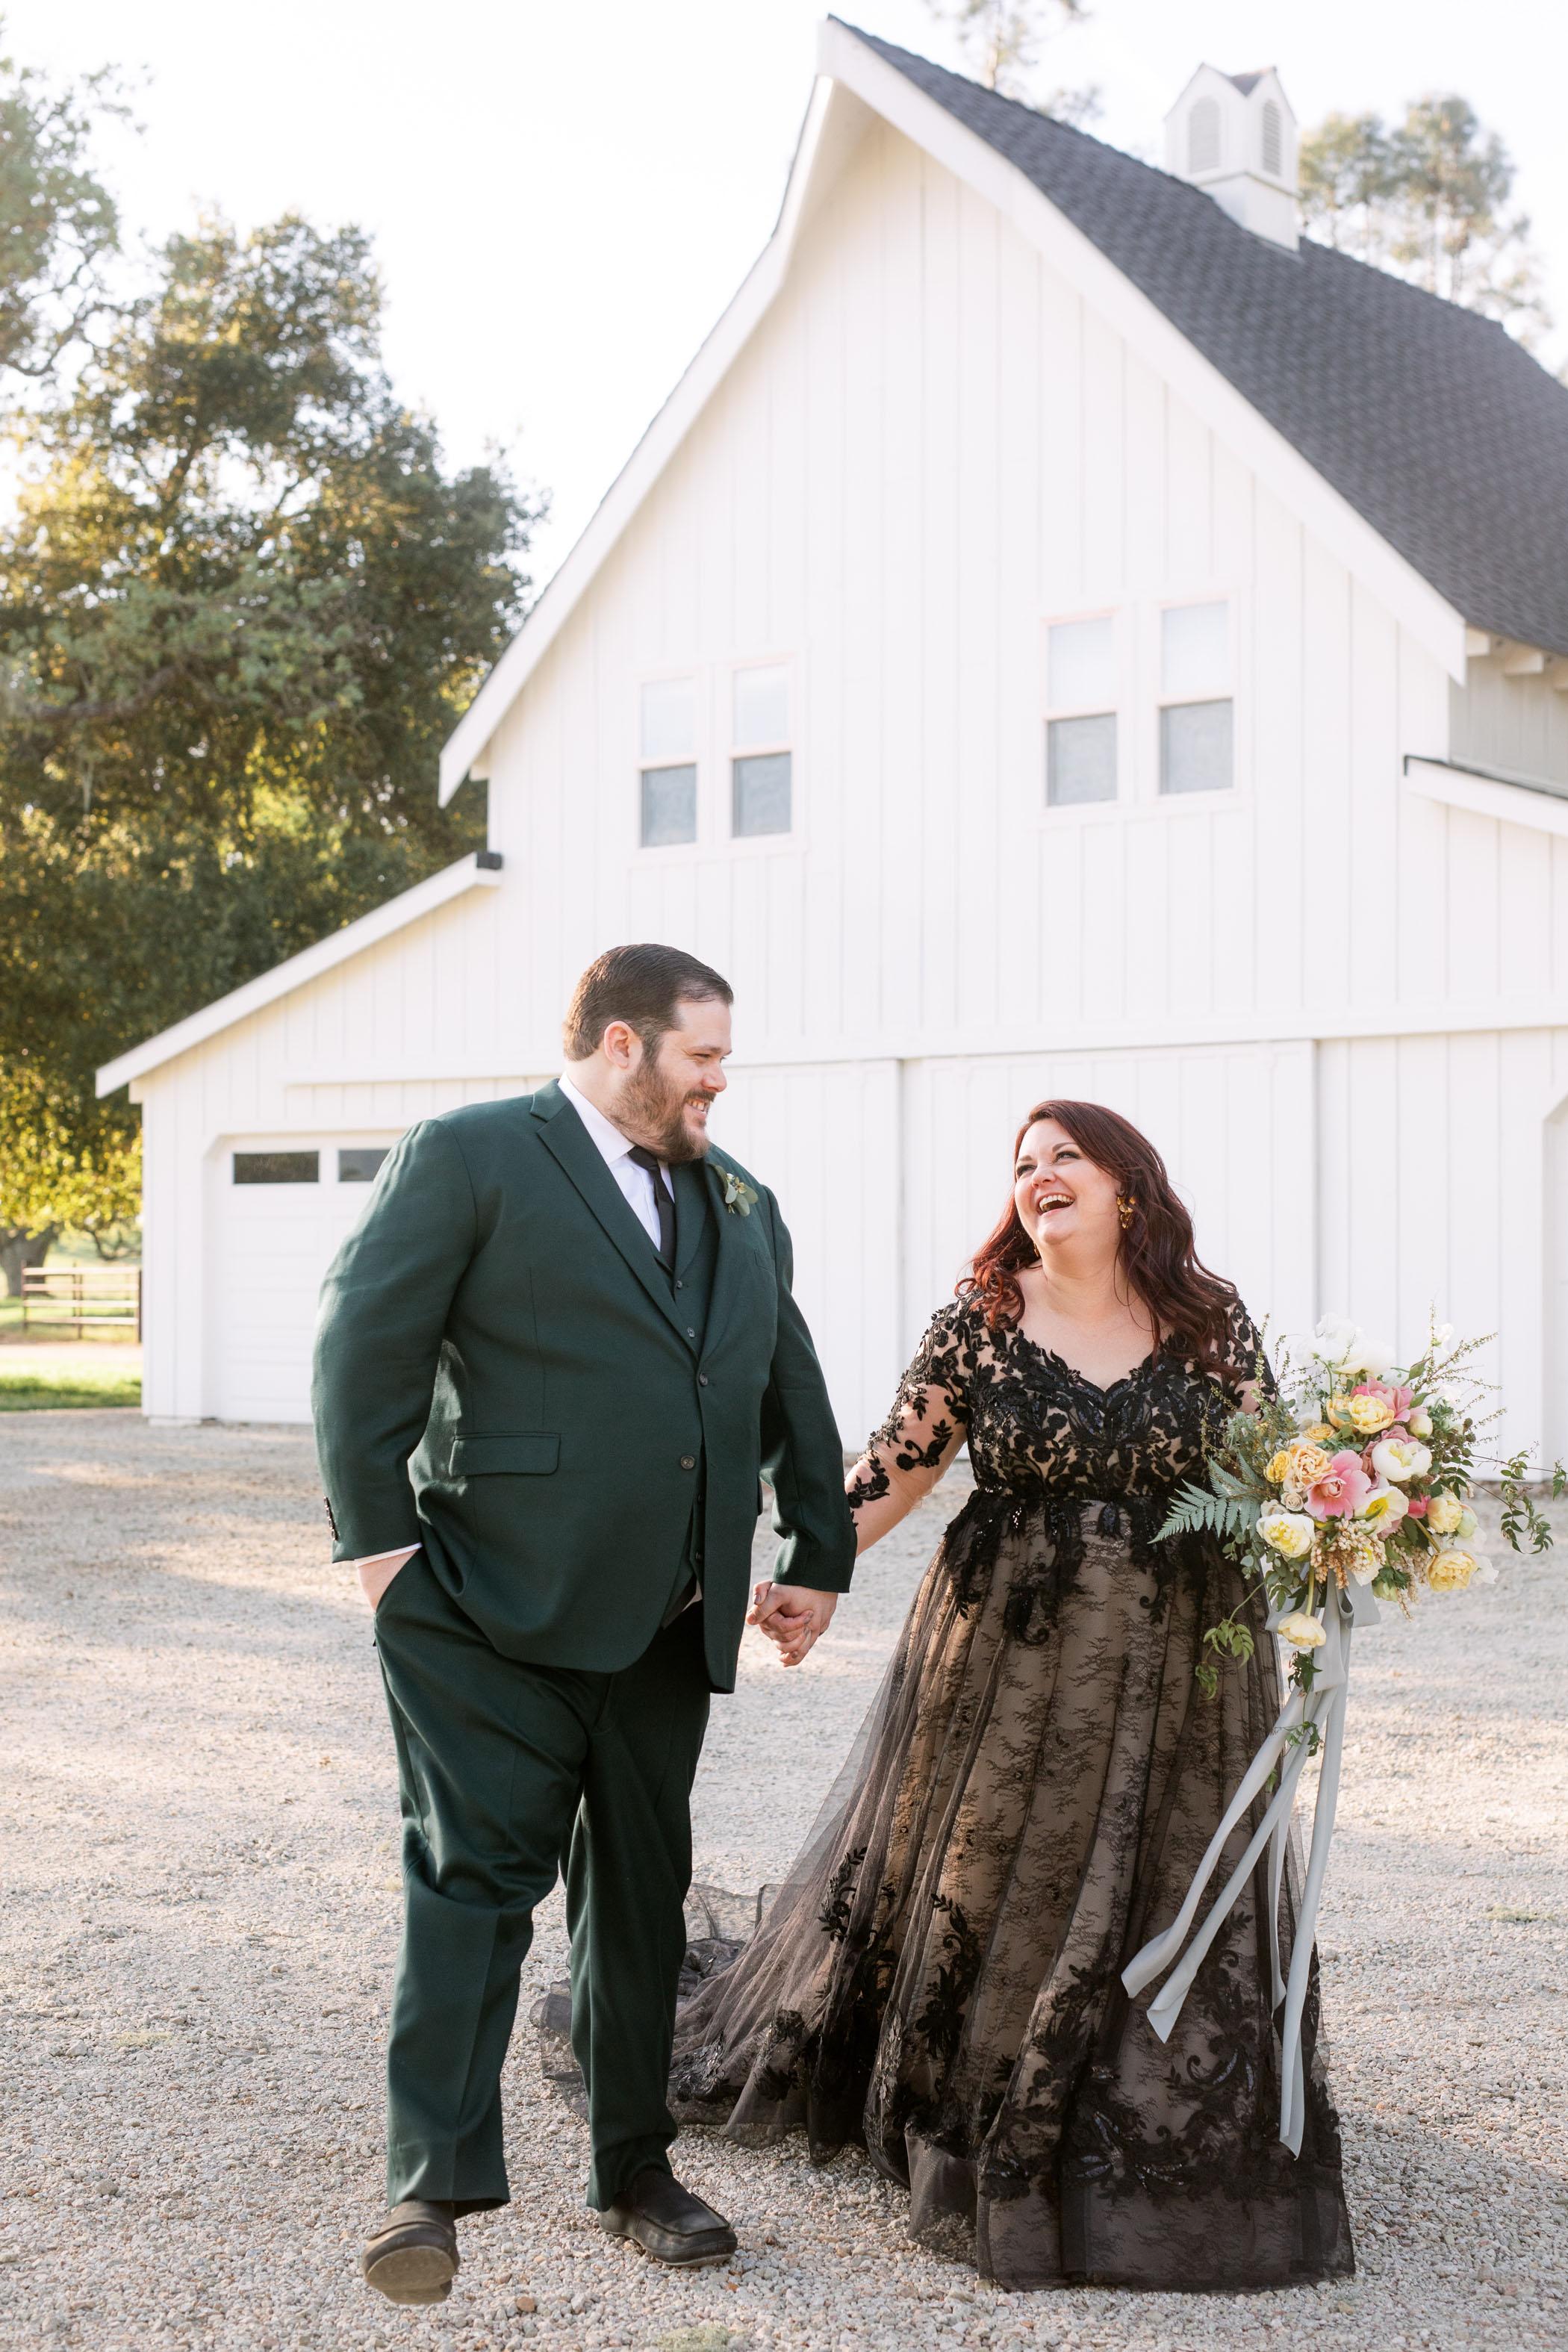 Golden Hour Wedding Portraits in Black Dress